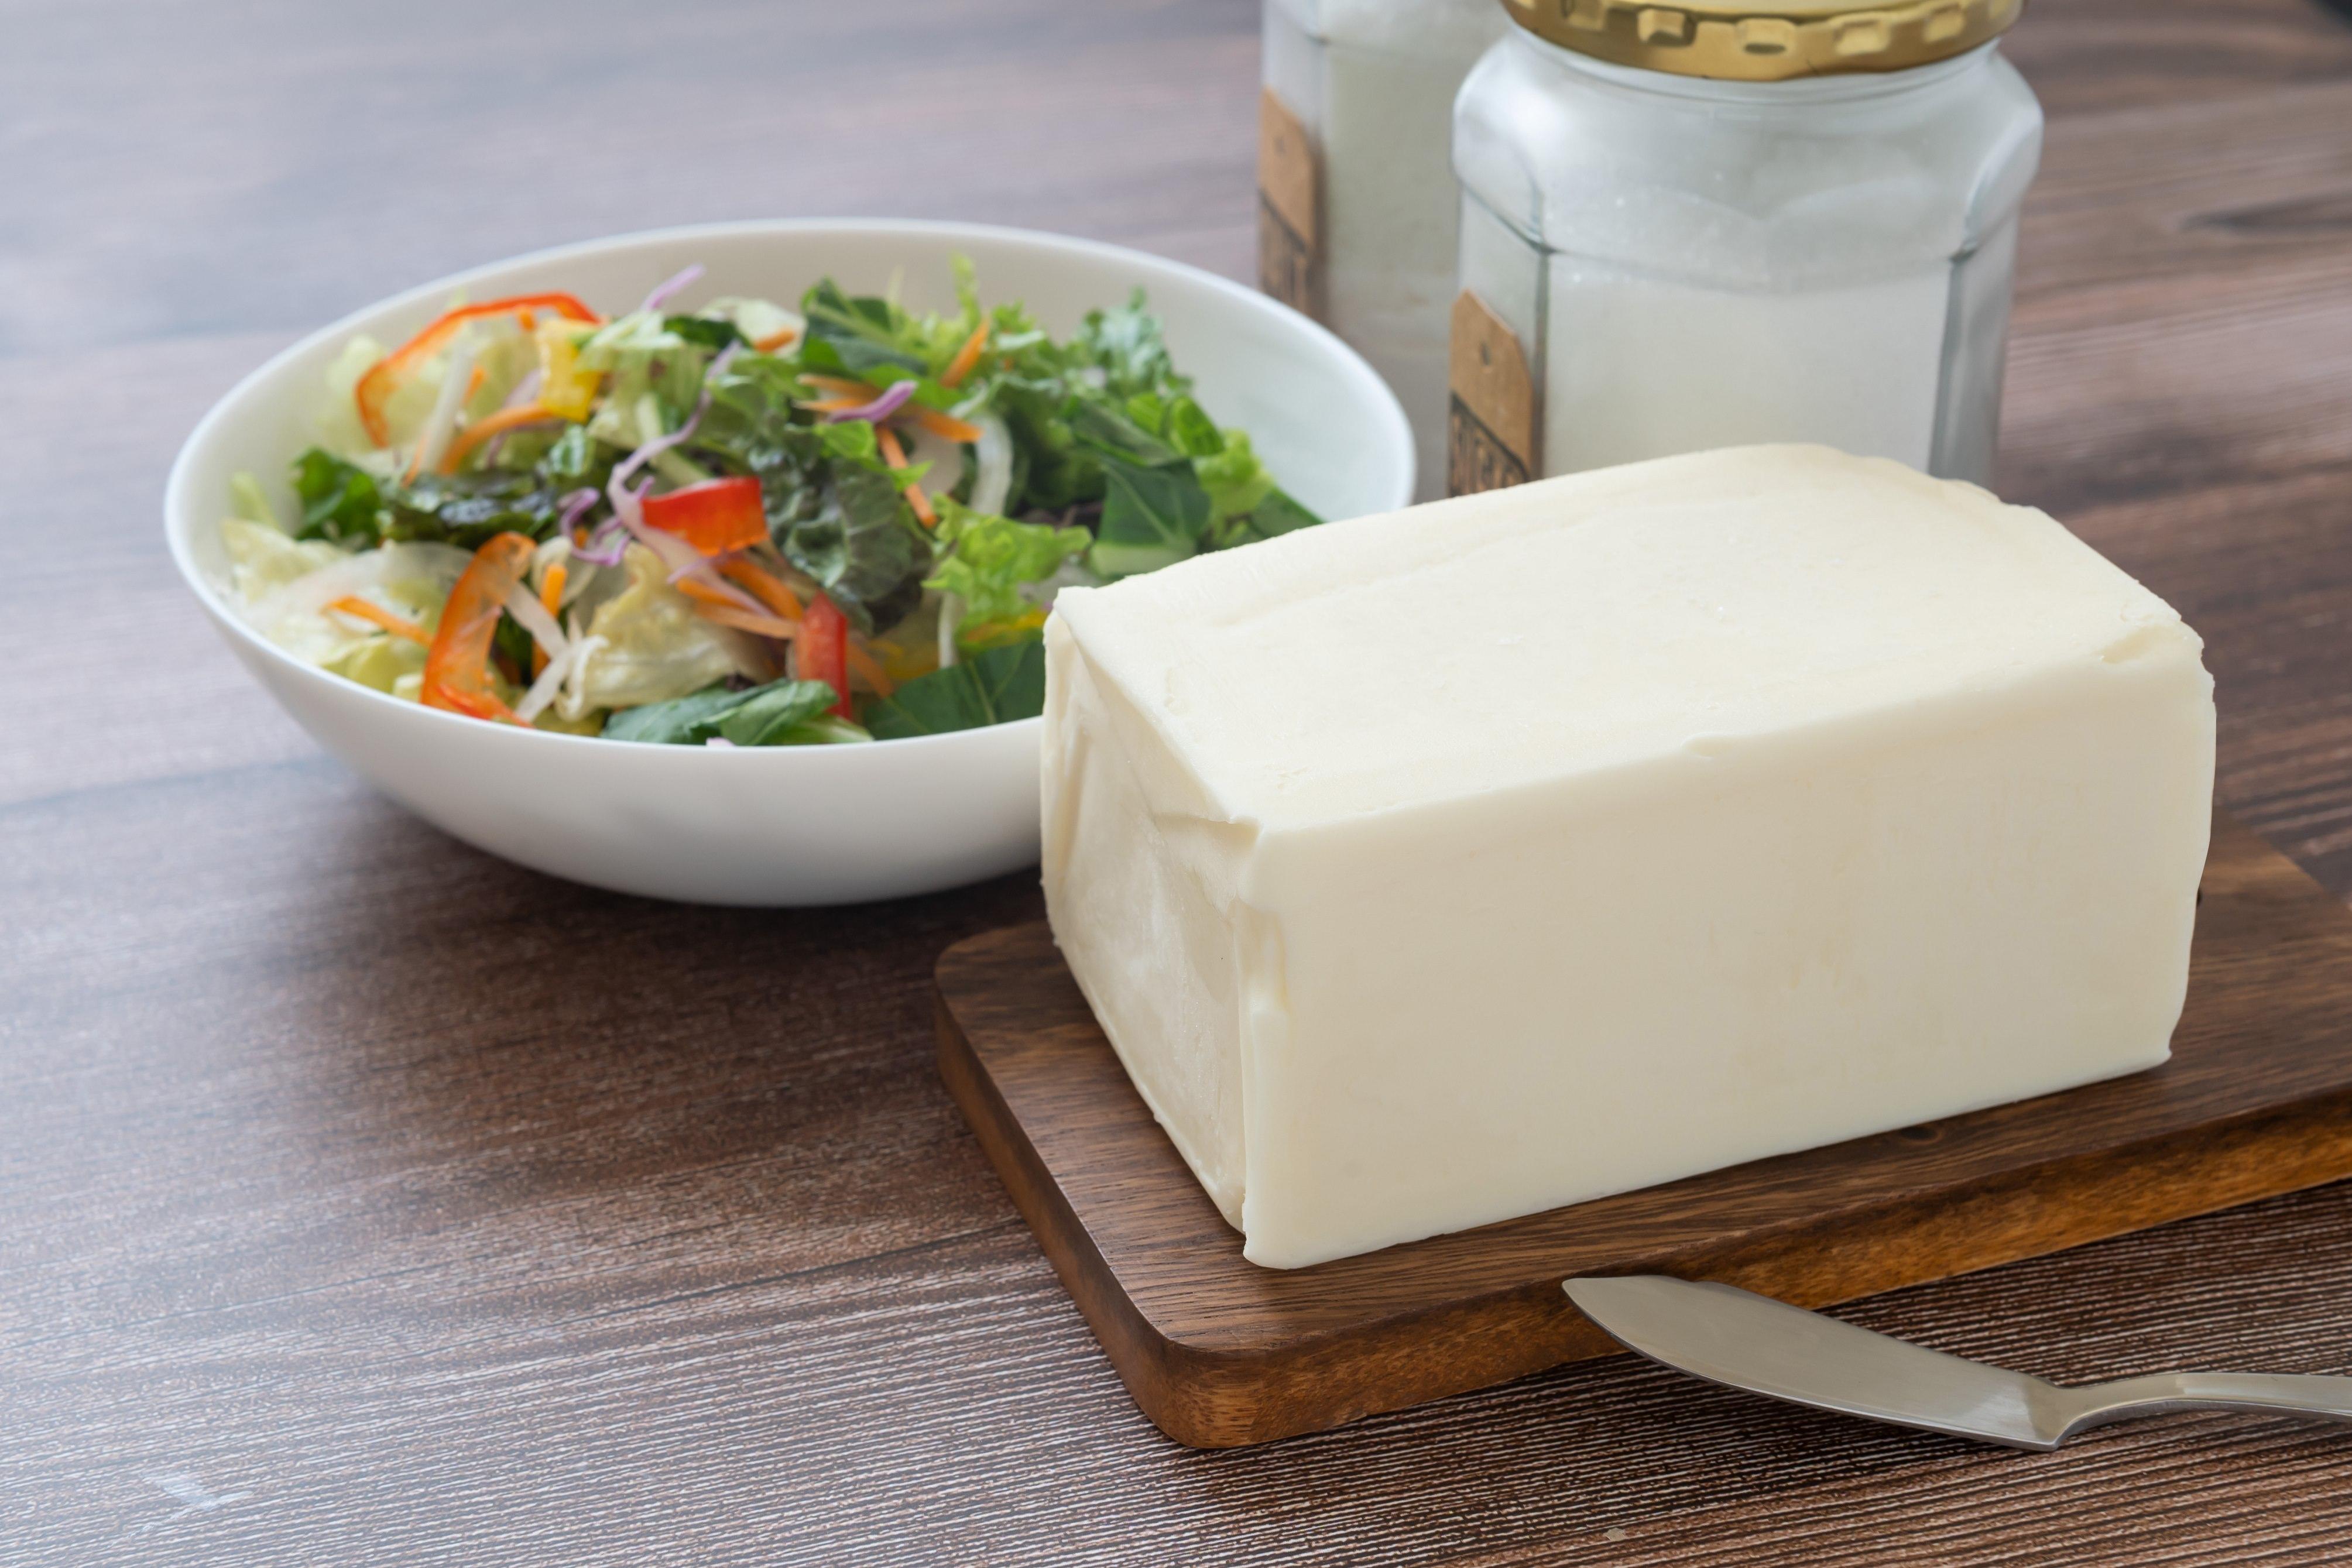 世界初の技術で生まれた画期的な新食材  動物性原料不使用の豆乳クリームバター  不二製油「ソイレブール」 ~都内ホテル・パティスリーにて使用メニュー発売中~